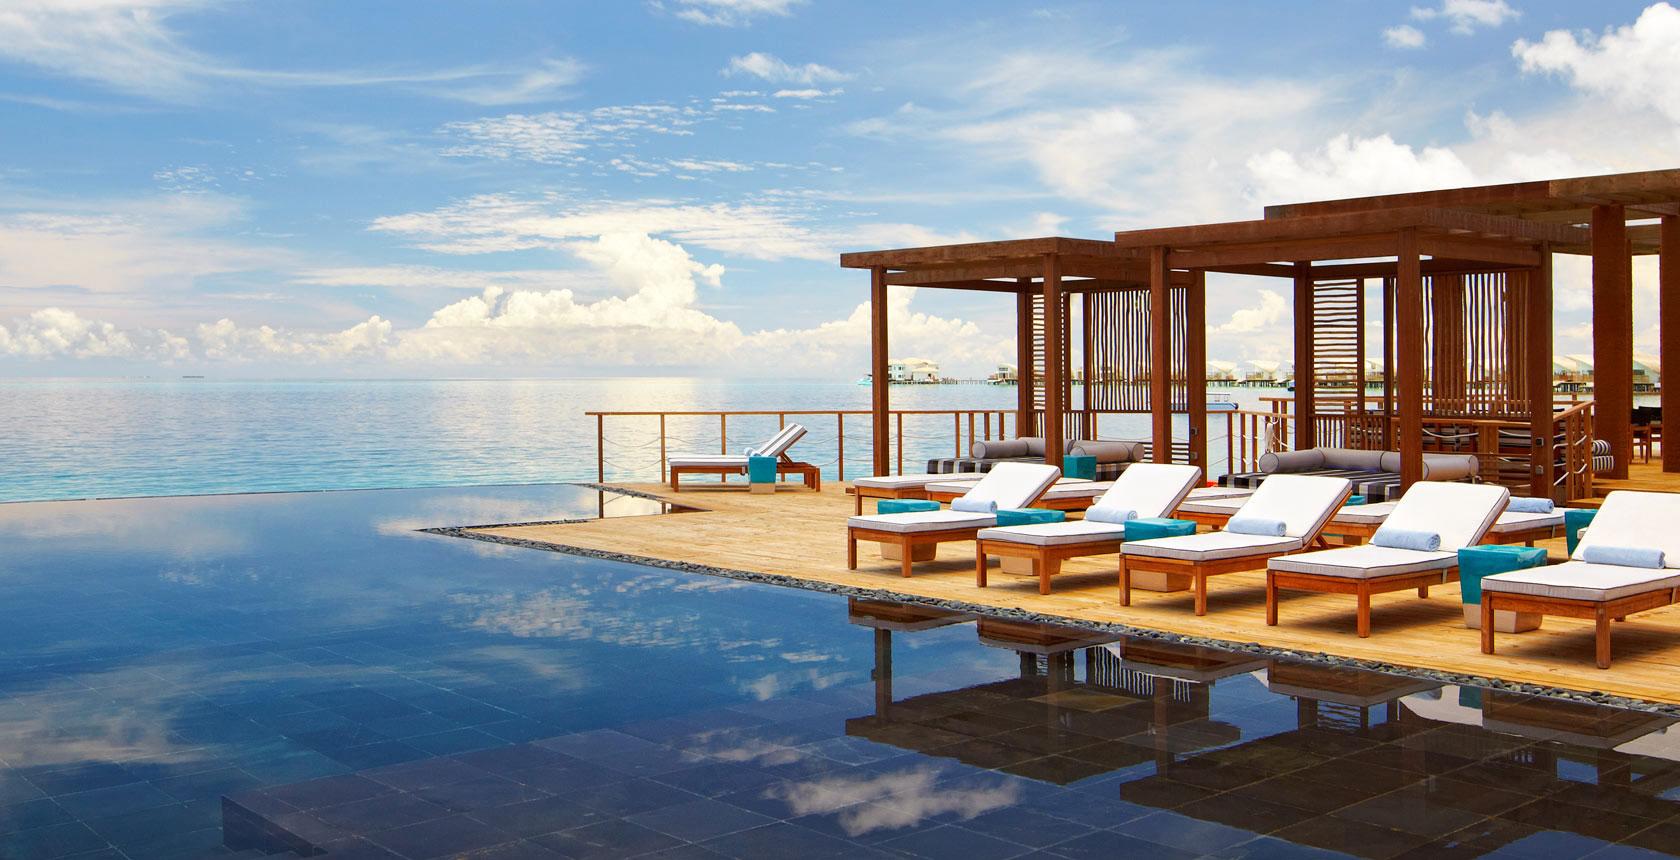 developing a five star hotel in maldives construction essay The maldives (/ ˈ m ɒ l d iː v z / or / ˈ m ɔː l d aɪ v z / ( listen) dhivehi: ދިވެހިރާއްޖެ dhivehi raa'jey), officially the republic of maldives, is a south asian country, located in.